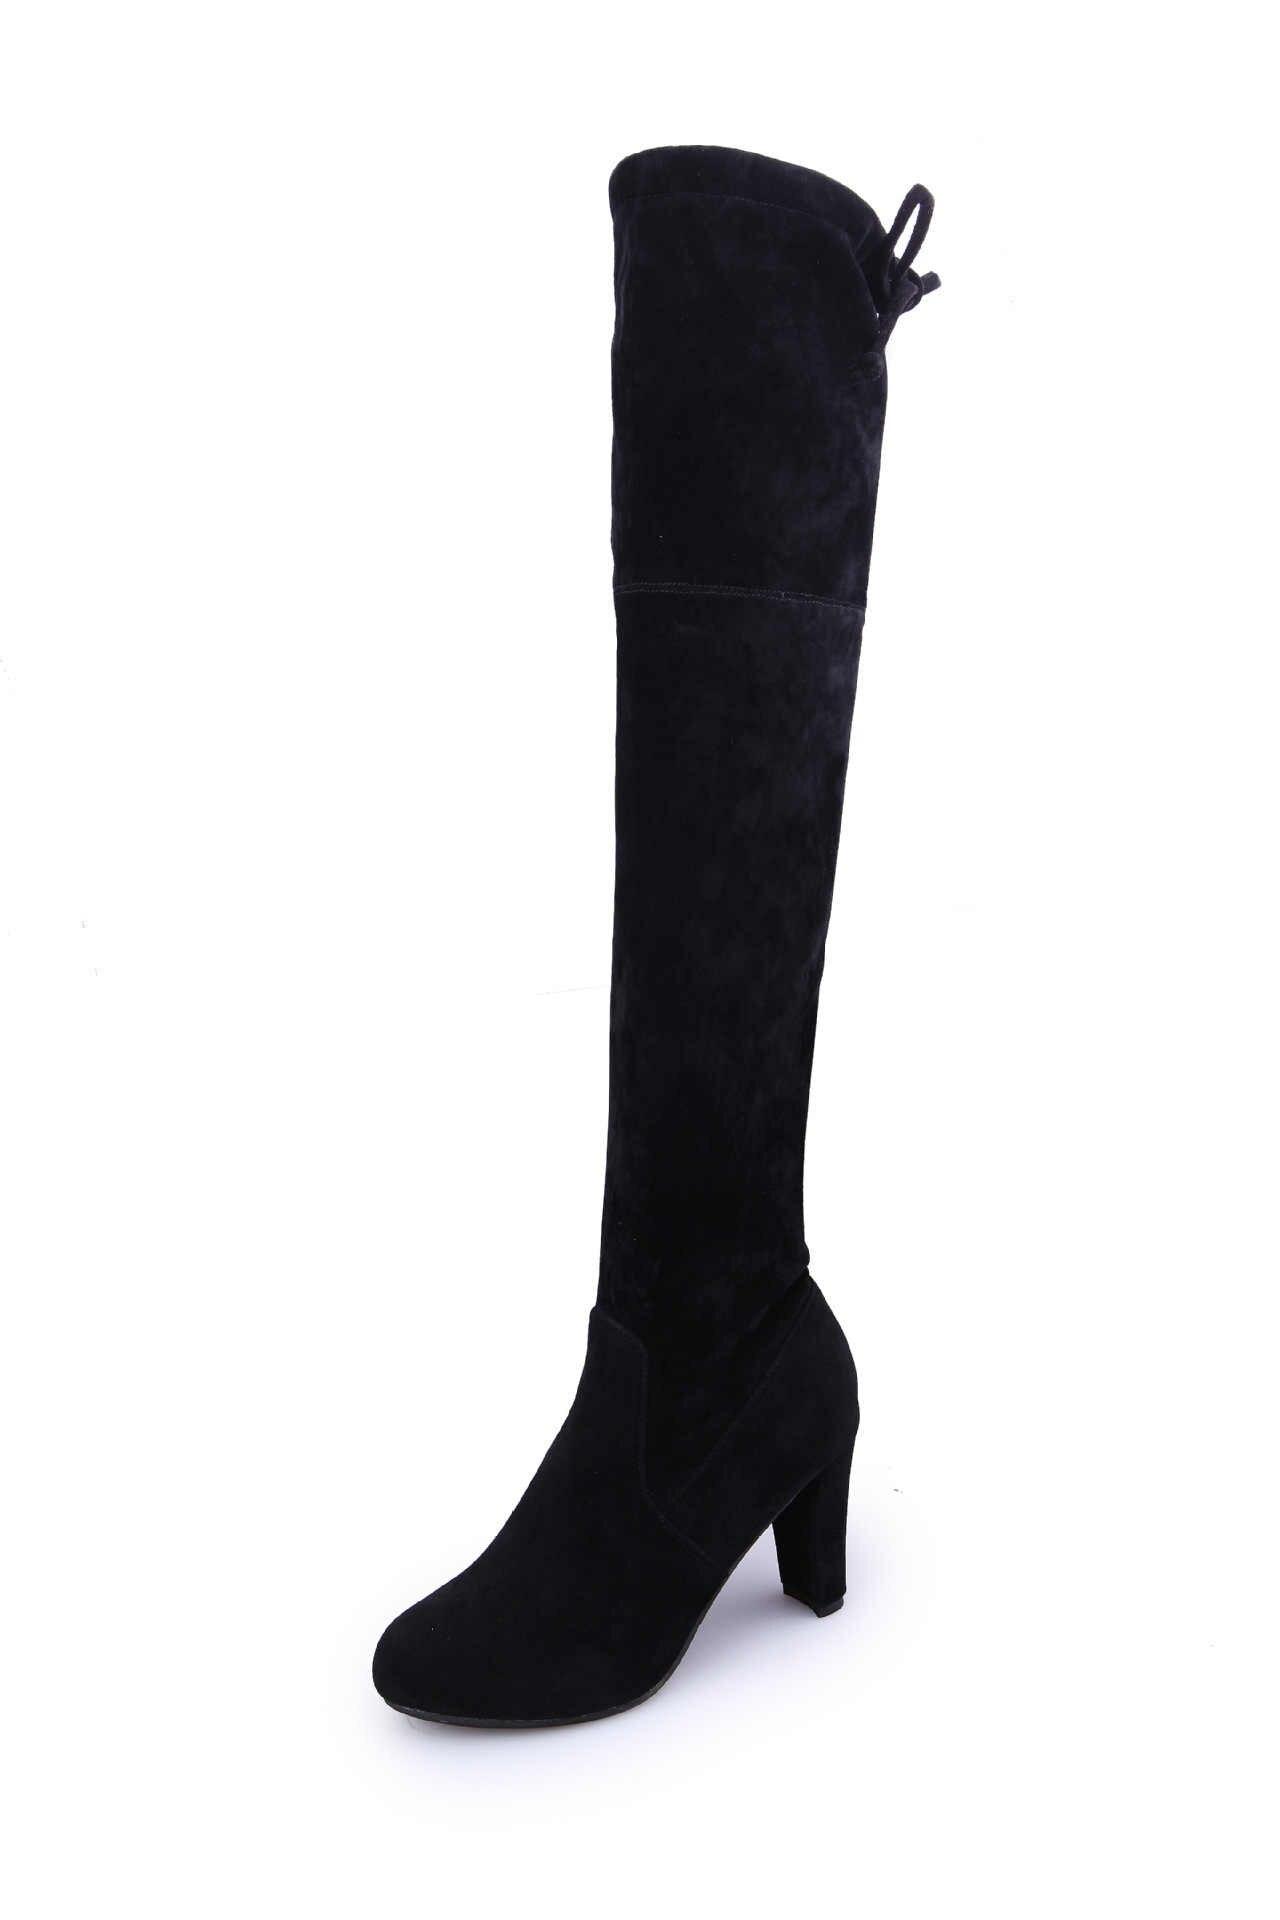 Seksi Slim Fit elastik Overknee kadın çizmeler sonbahar kış bayanlar yüksek topuklu latform uzun çizmeler hanımefendi büyük boy ayakkabı 42 43